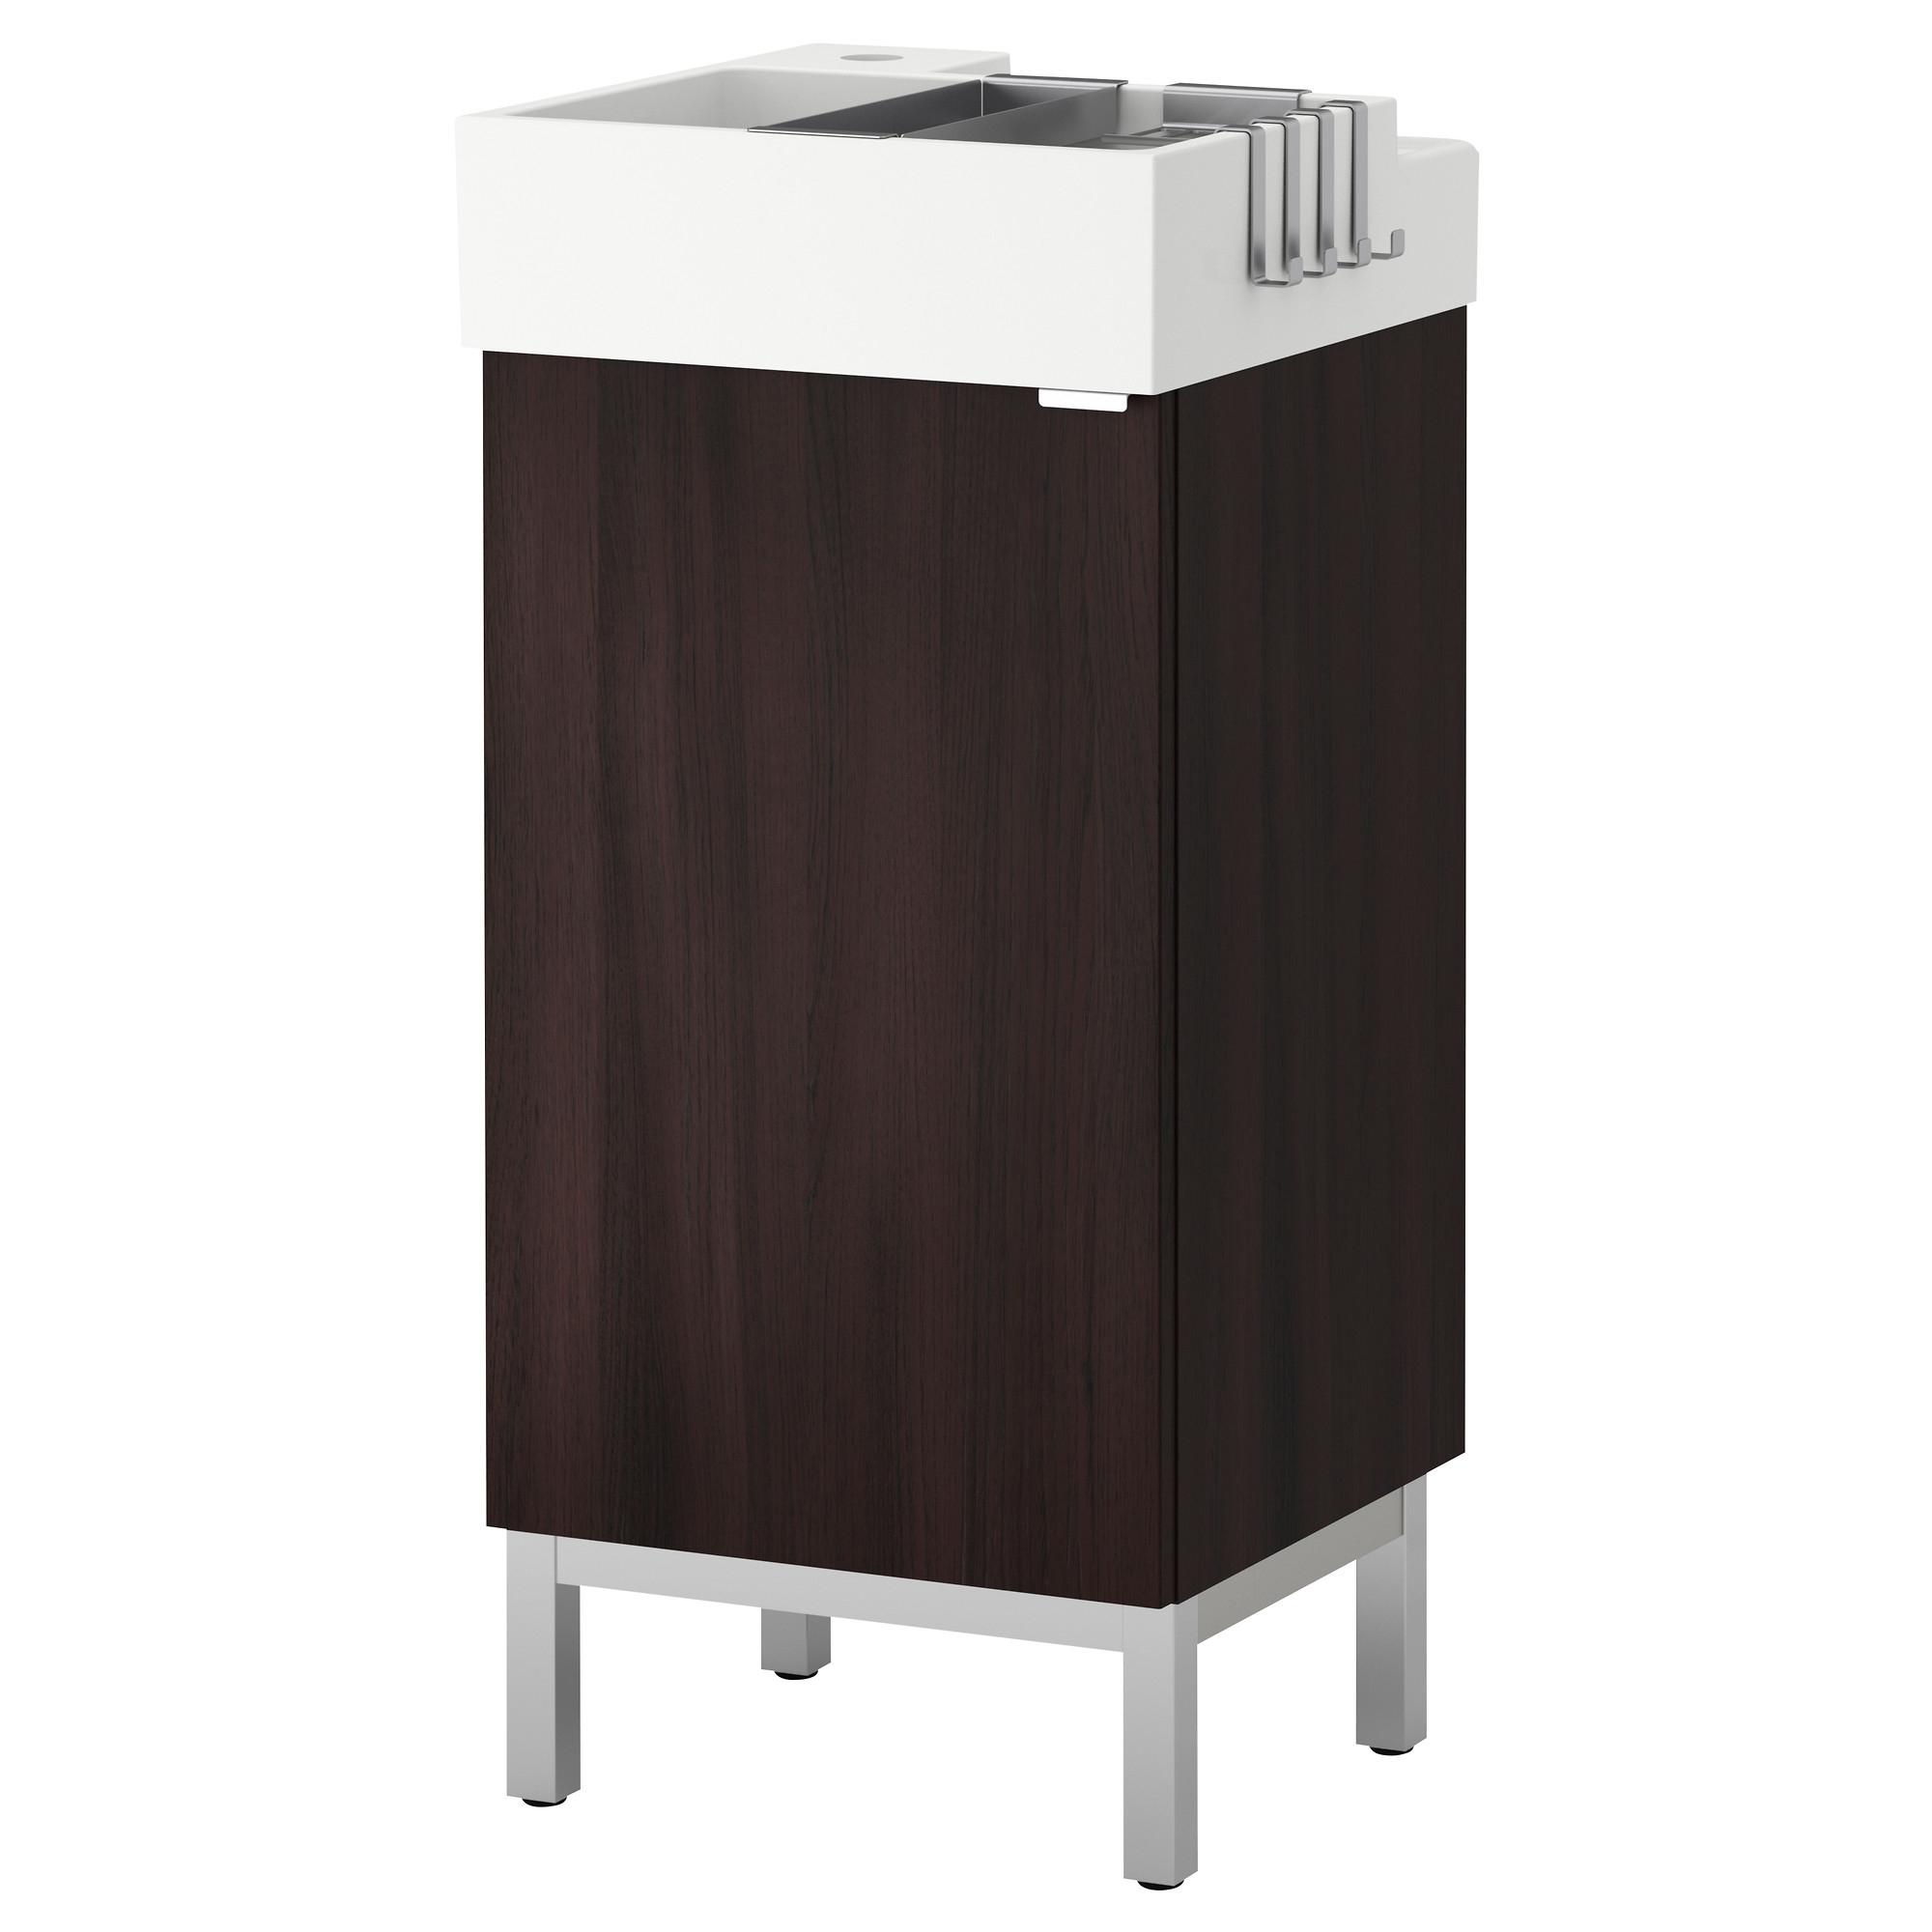 Adesivo Moveis Mdf ~ LILLåNGEN armario lavabo&1 puerta